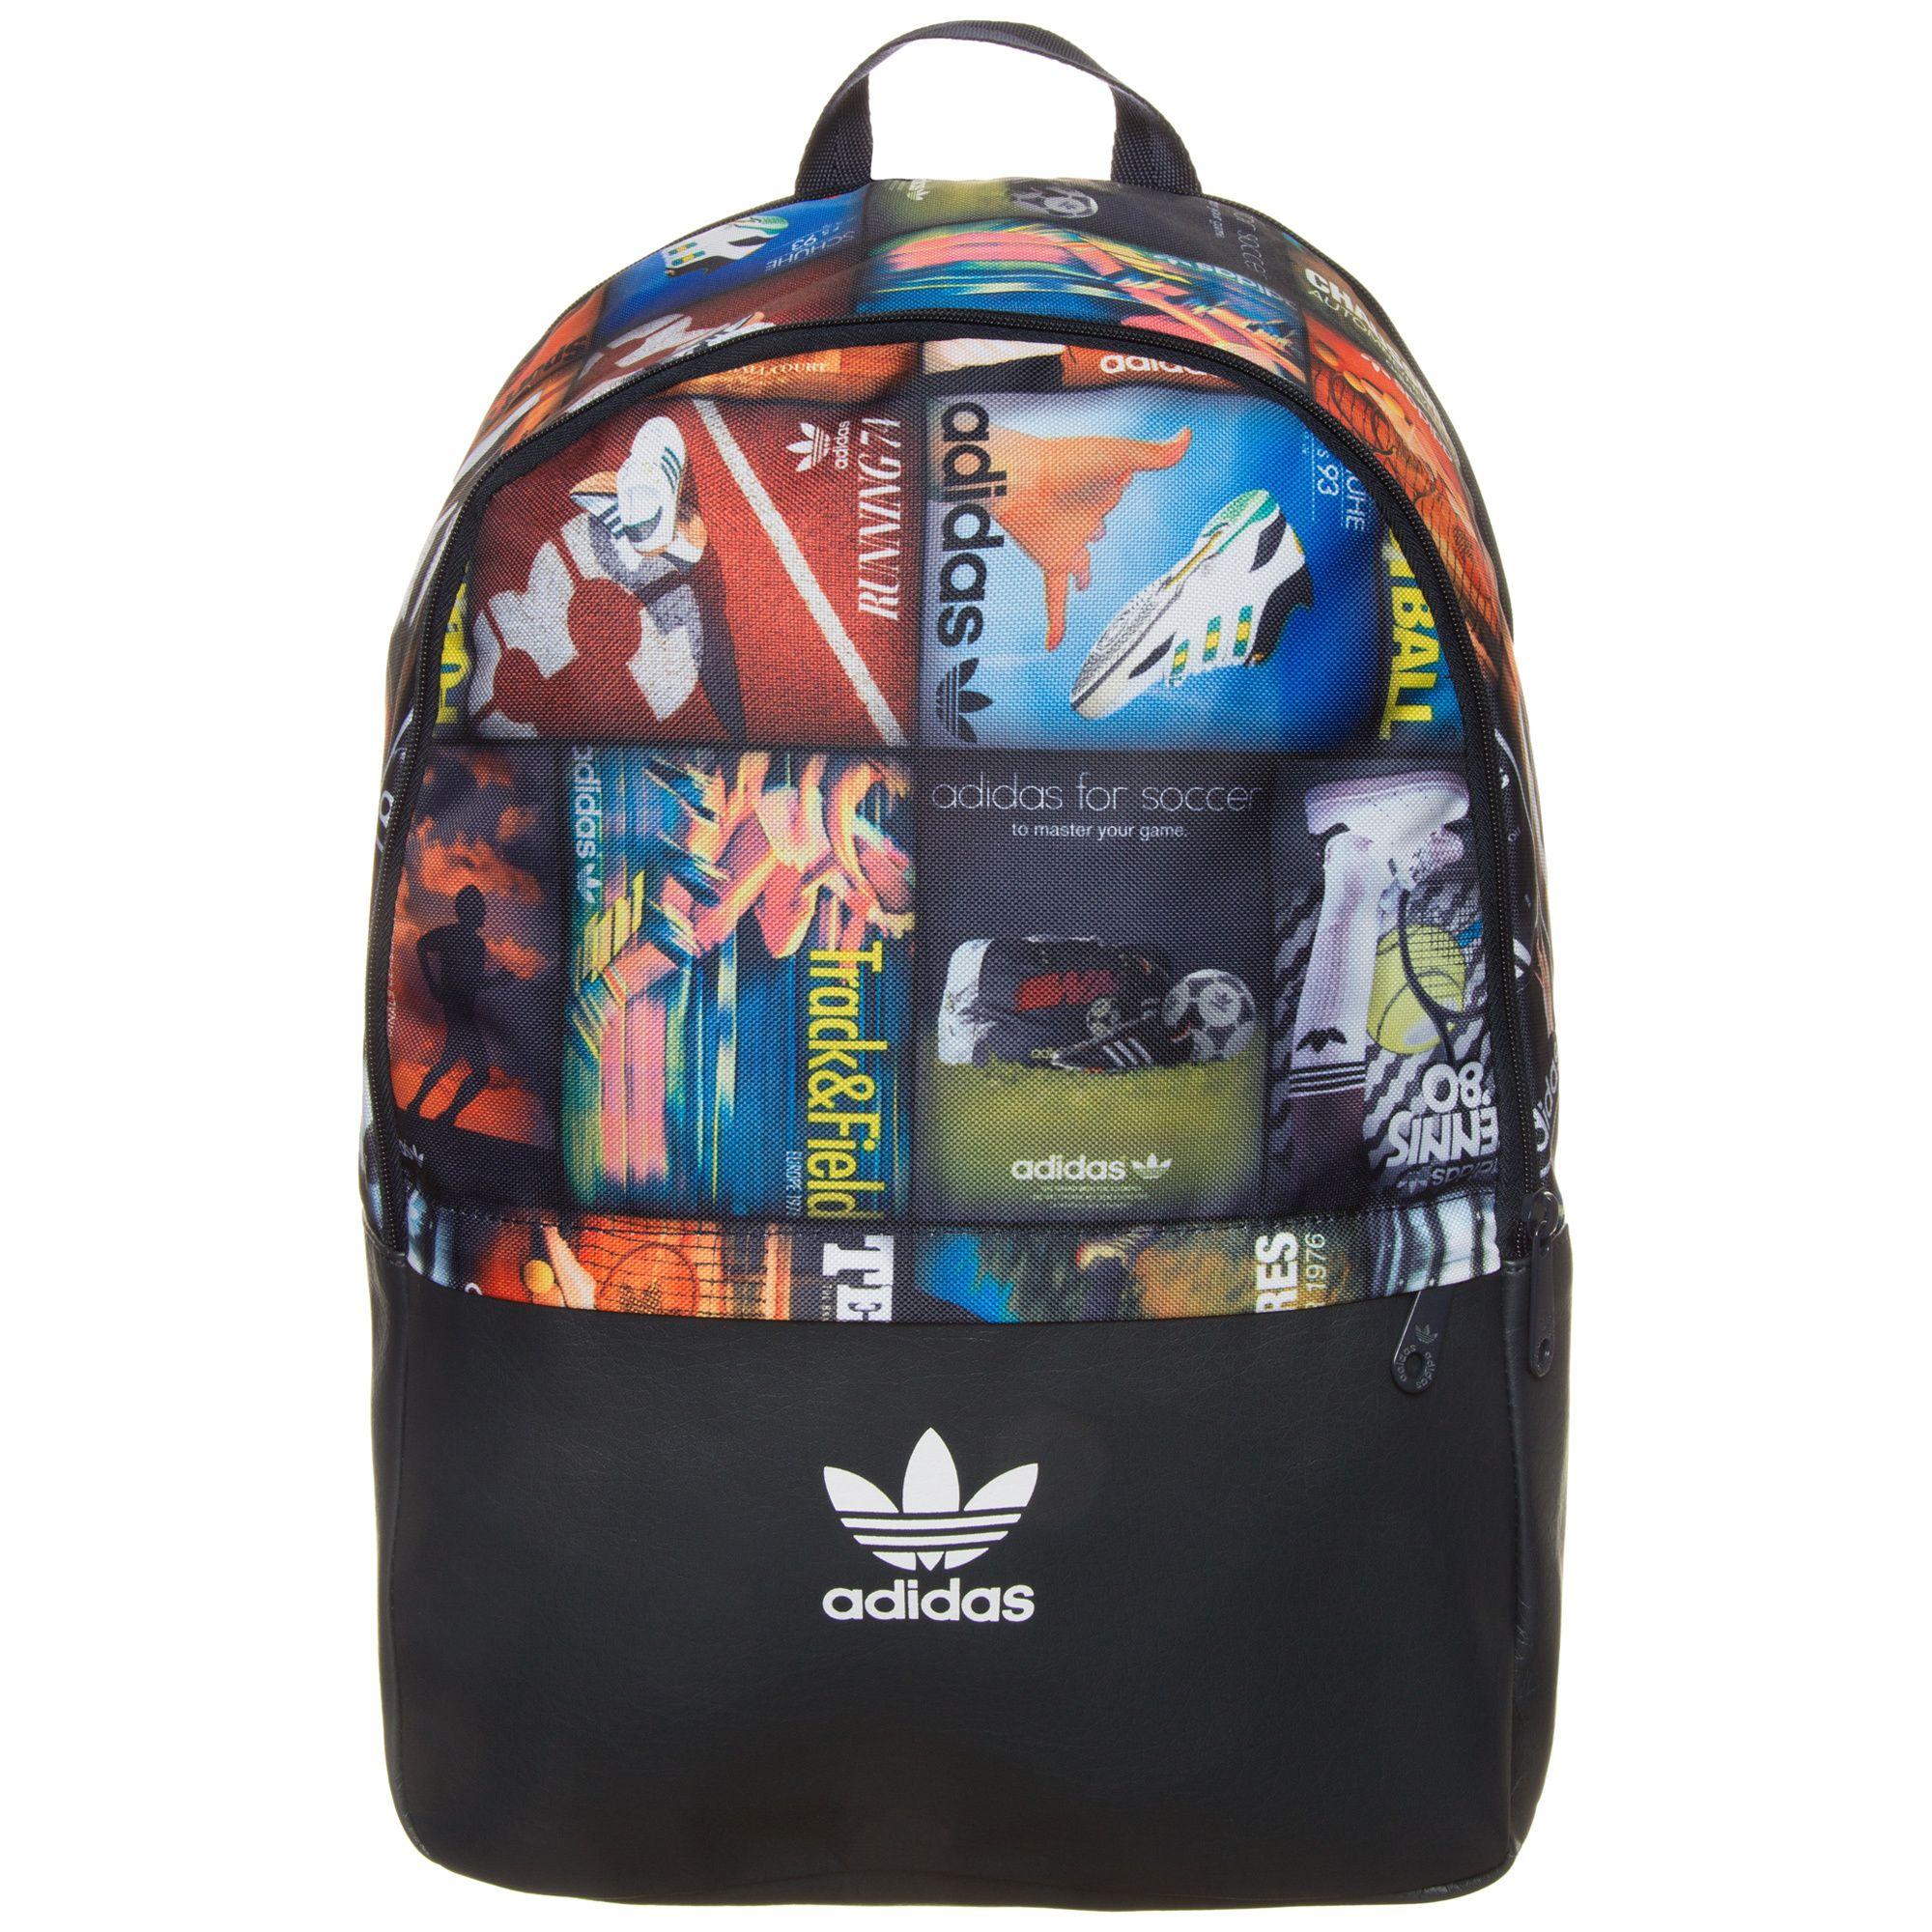 ADIDAS ORIGINALS adidas Originals Back-To-School Essential Rucksack